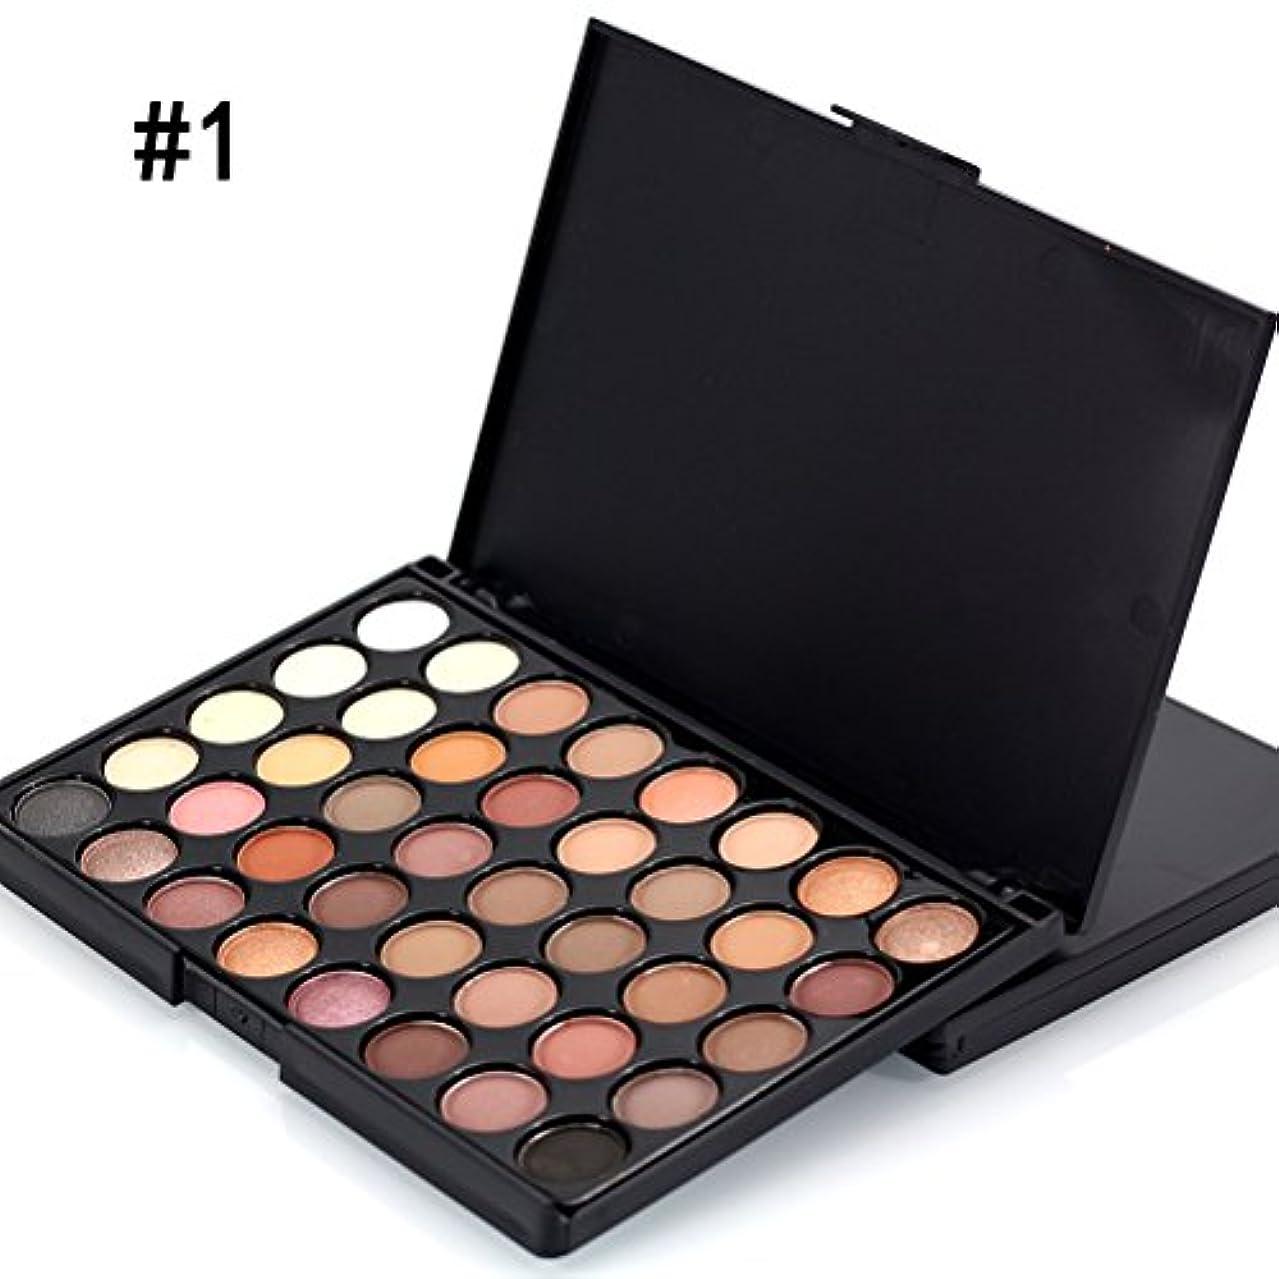 家事をするヒール浪費MakeupAccプロ仕様40色アイシャドウパレット ラメ マット アイシャドウボックス お洒落 アイメイクツール メイクアップパレット 化粧セット コスメ (#1)